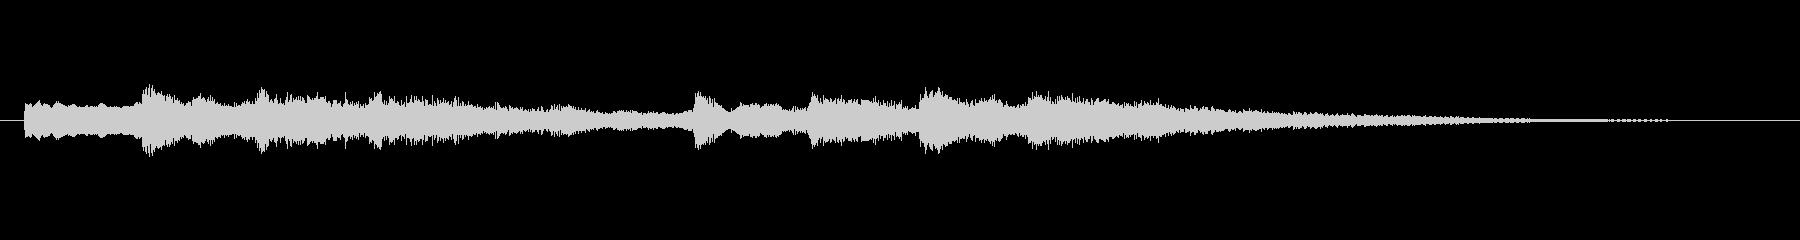 【チャイム 学校03-11】の未再生の波形